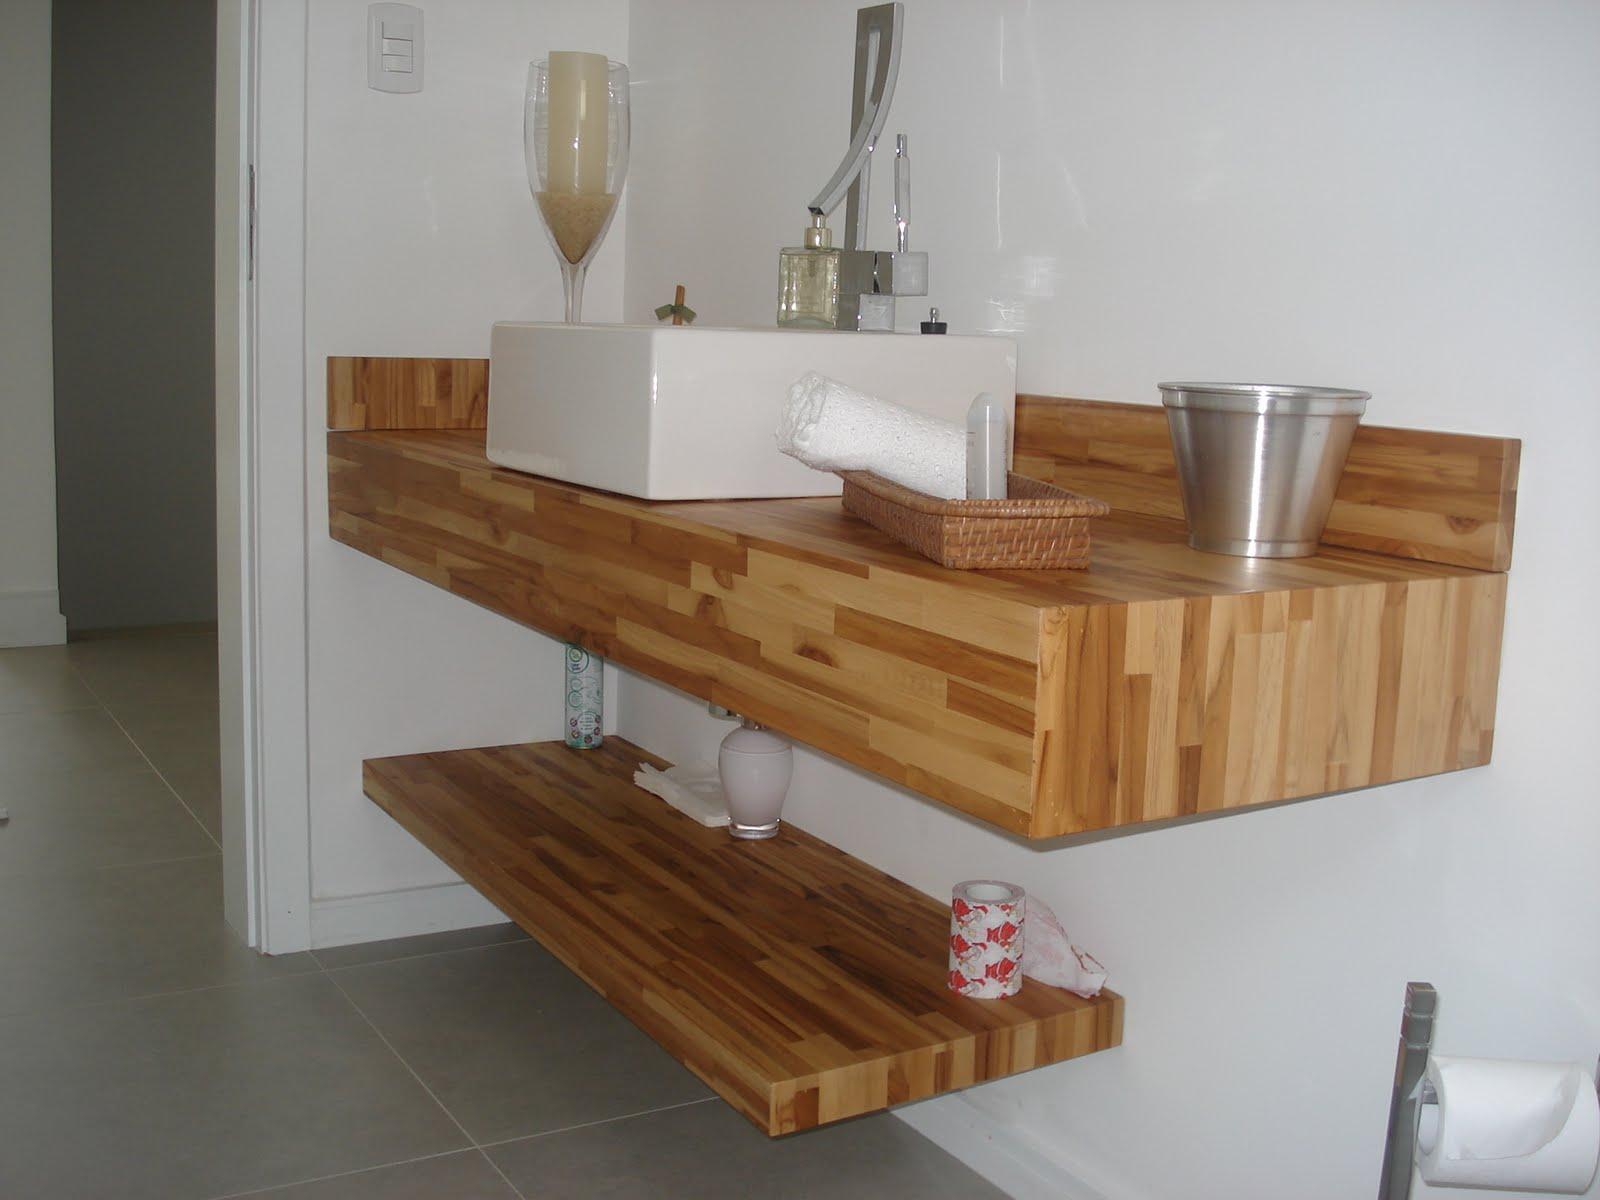 Decor pequenos com estilo Banheiros pequenos e perfeitos -> Cuba Para Banheiro Rustica